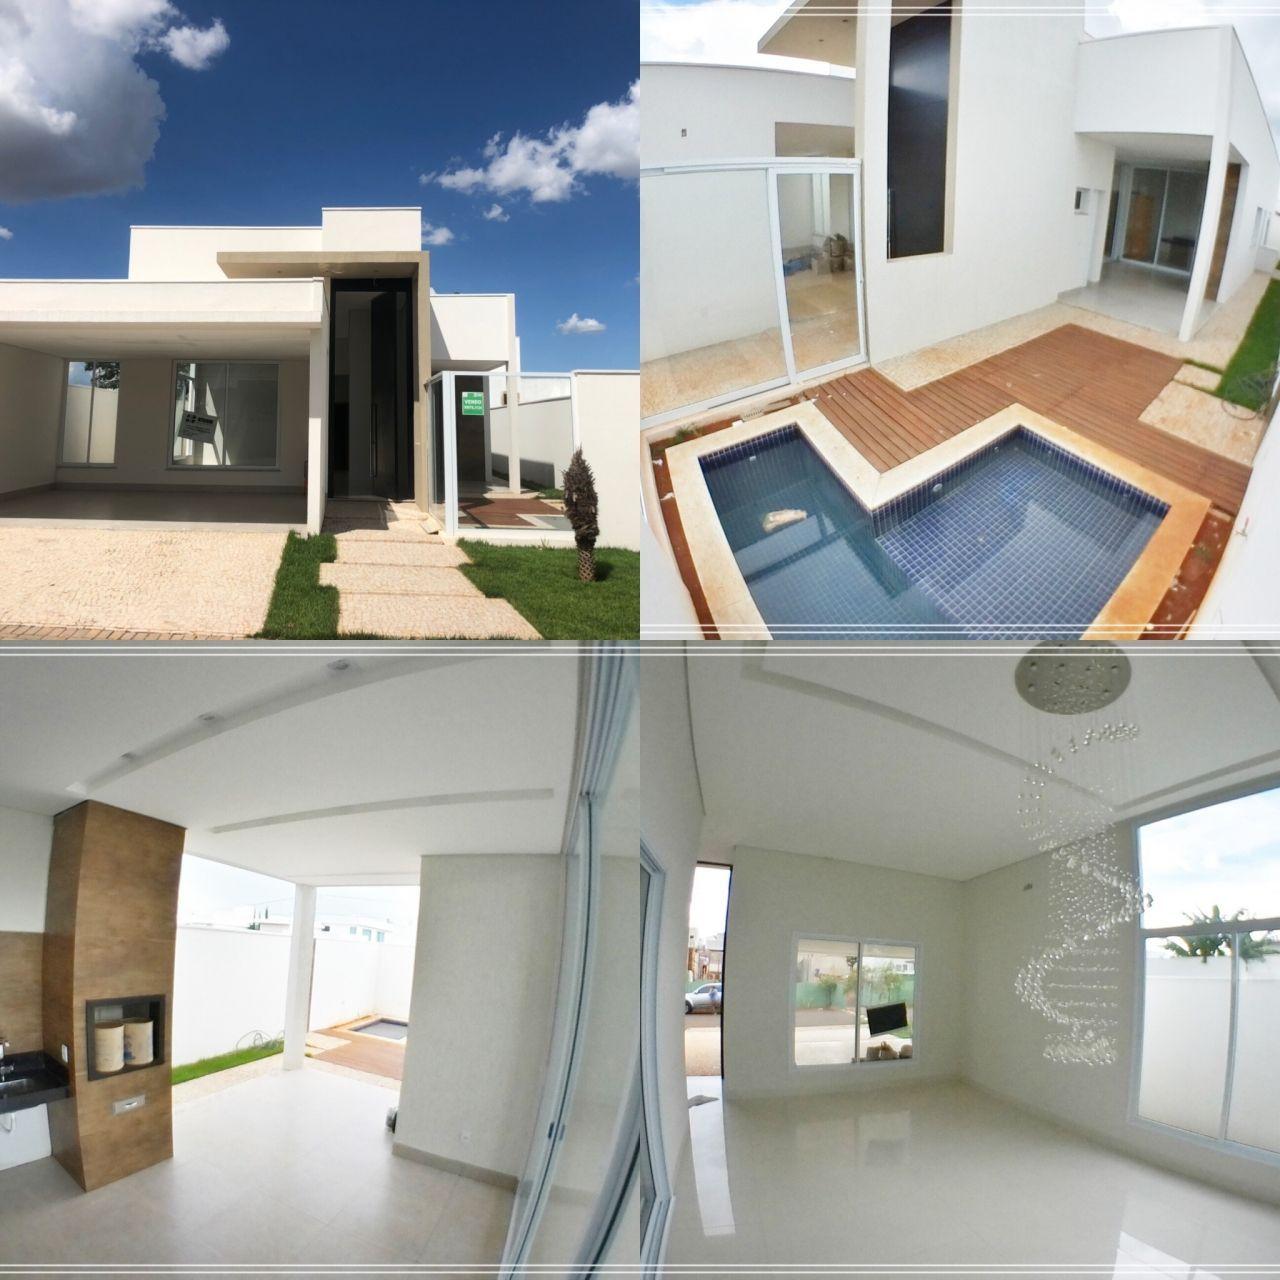 Casa em condomínio à venda  no Jardim Botânico - Uberlândia, MG. Imóveis